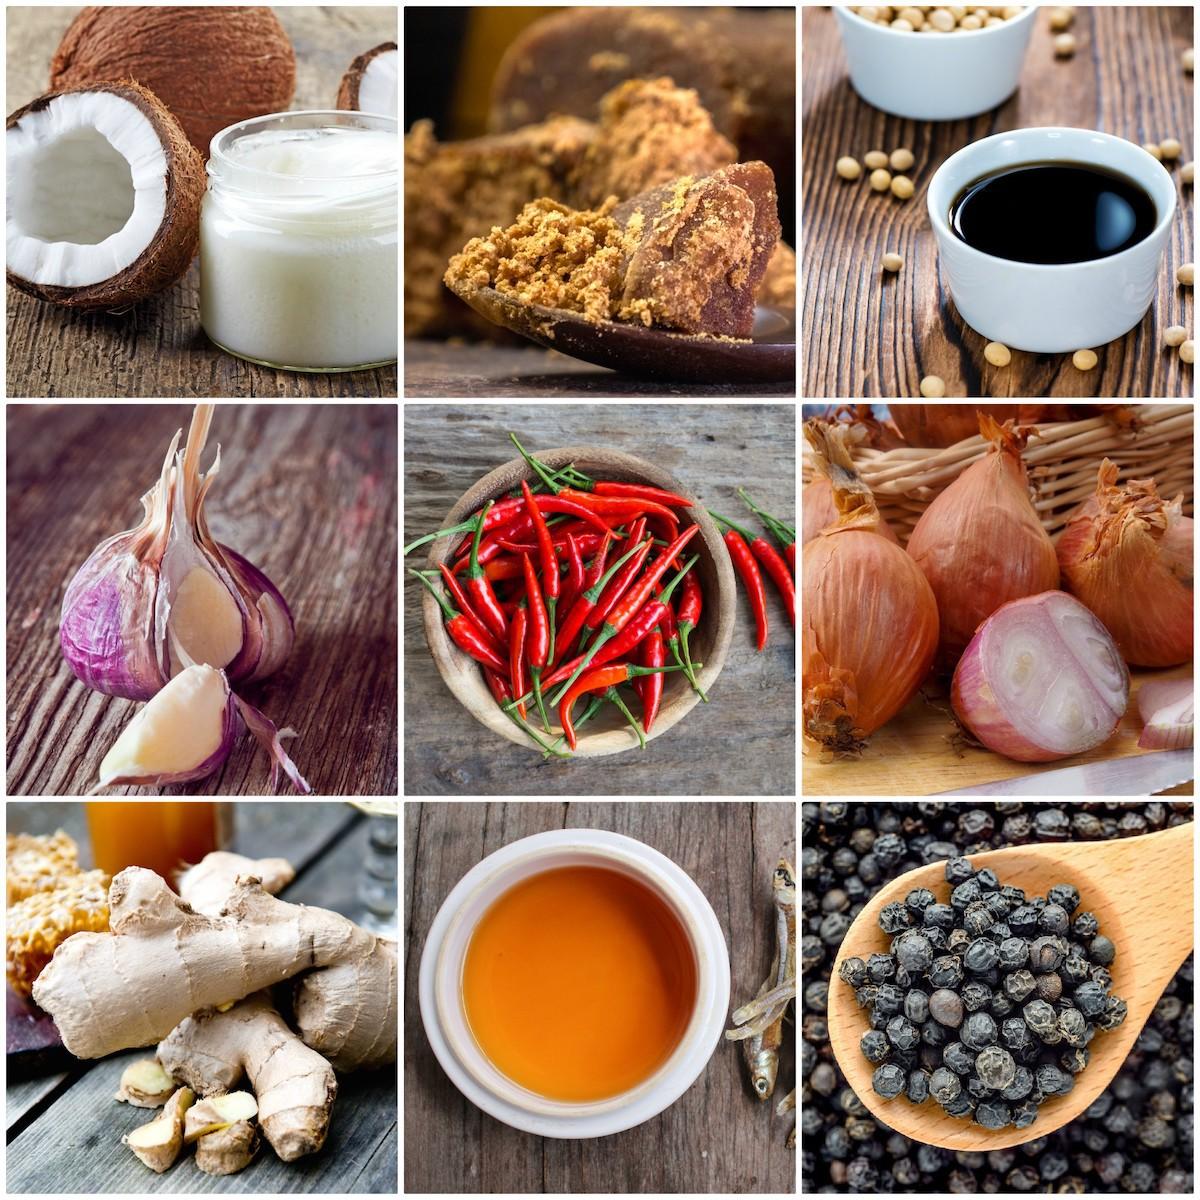 Ingrédients pour la cuisine Vietnamienne